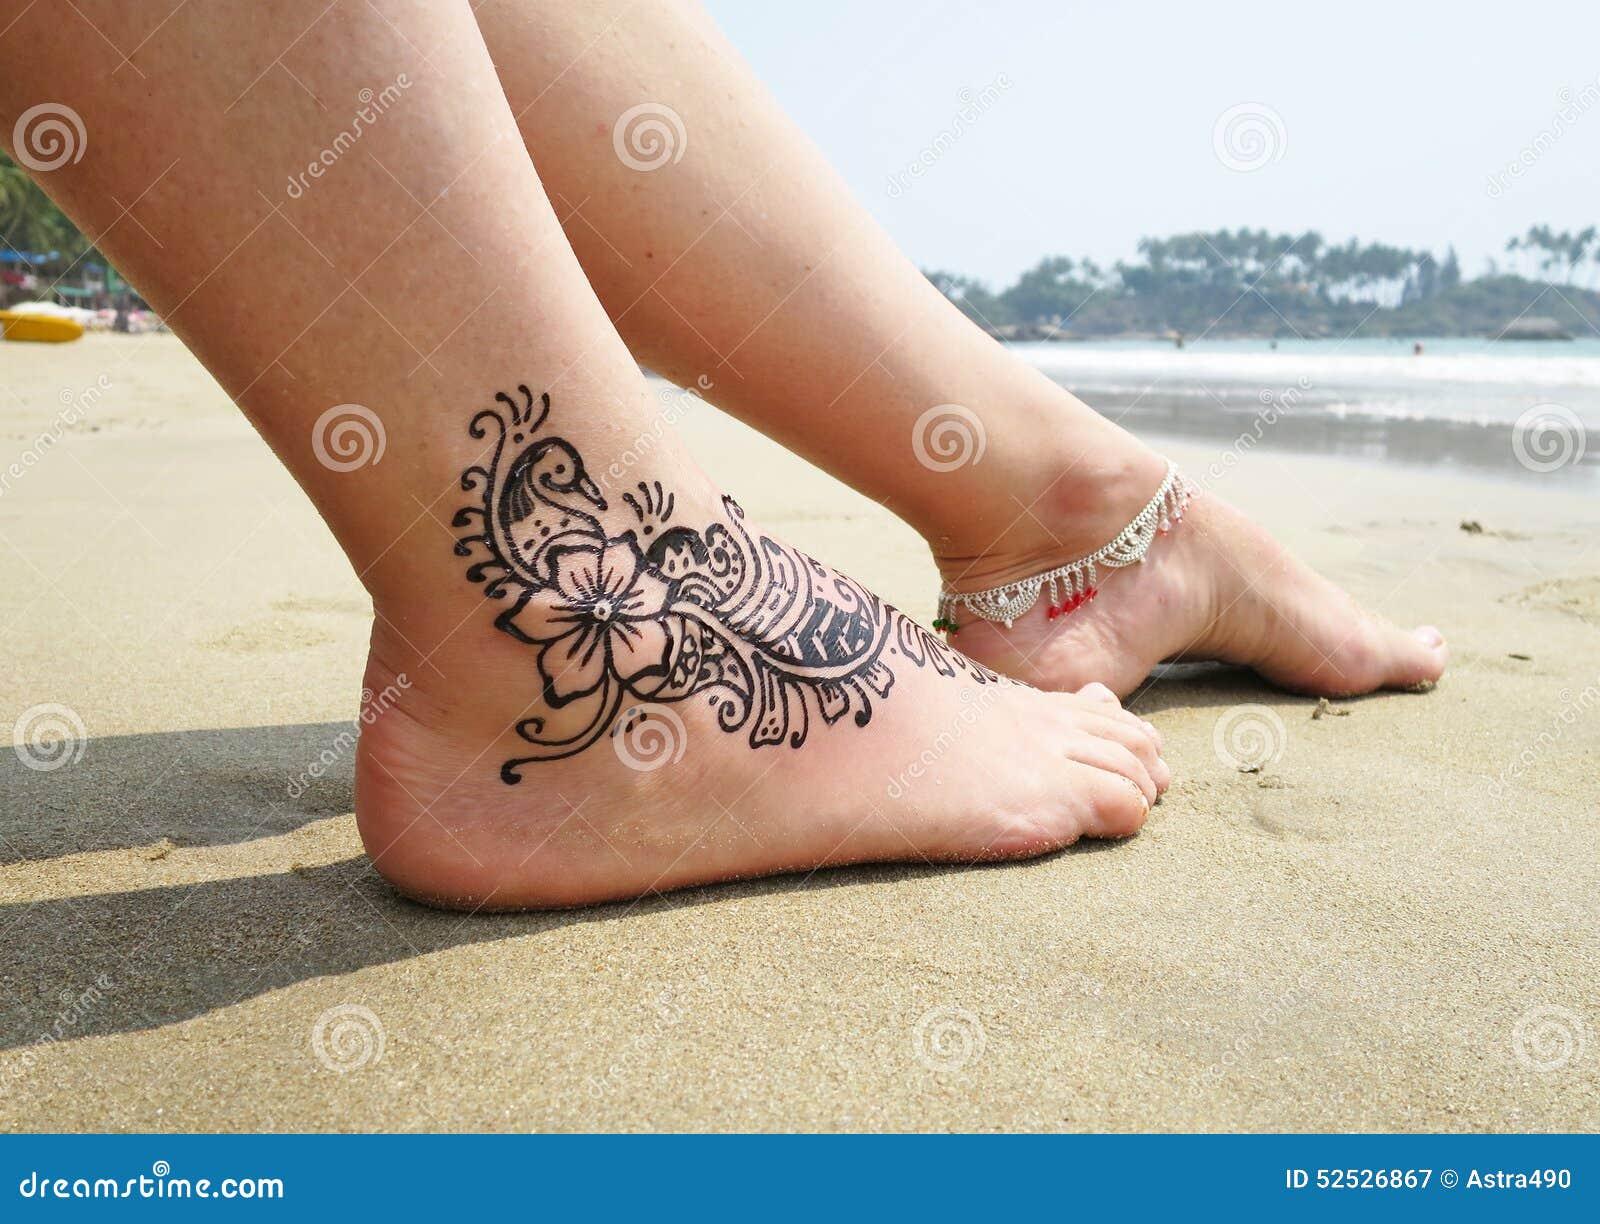 Henna Tatuaż Na Stopie Obraz Stock Obraz Złożonej Z Gorący